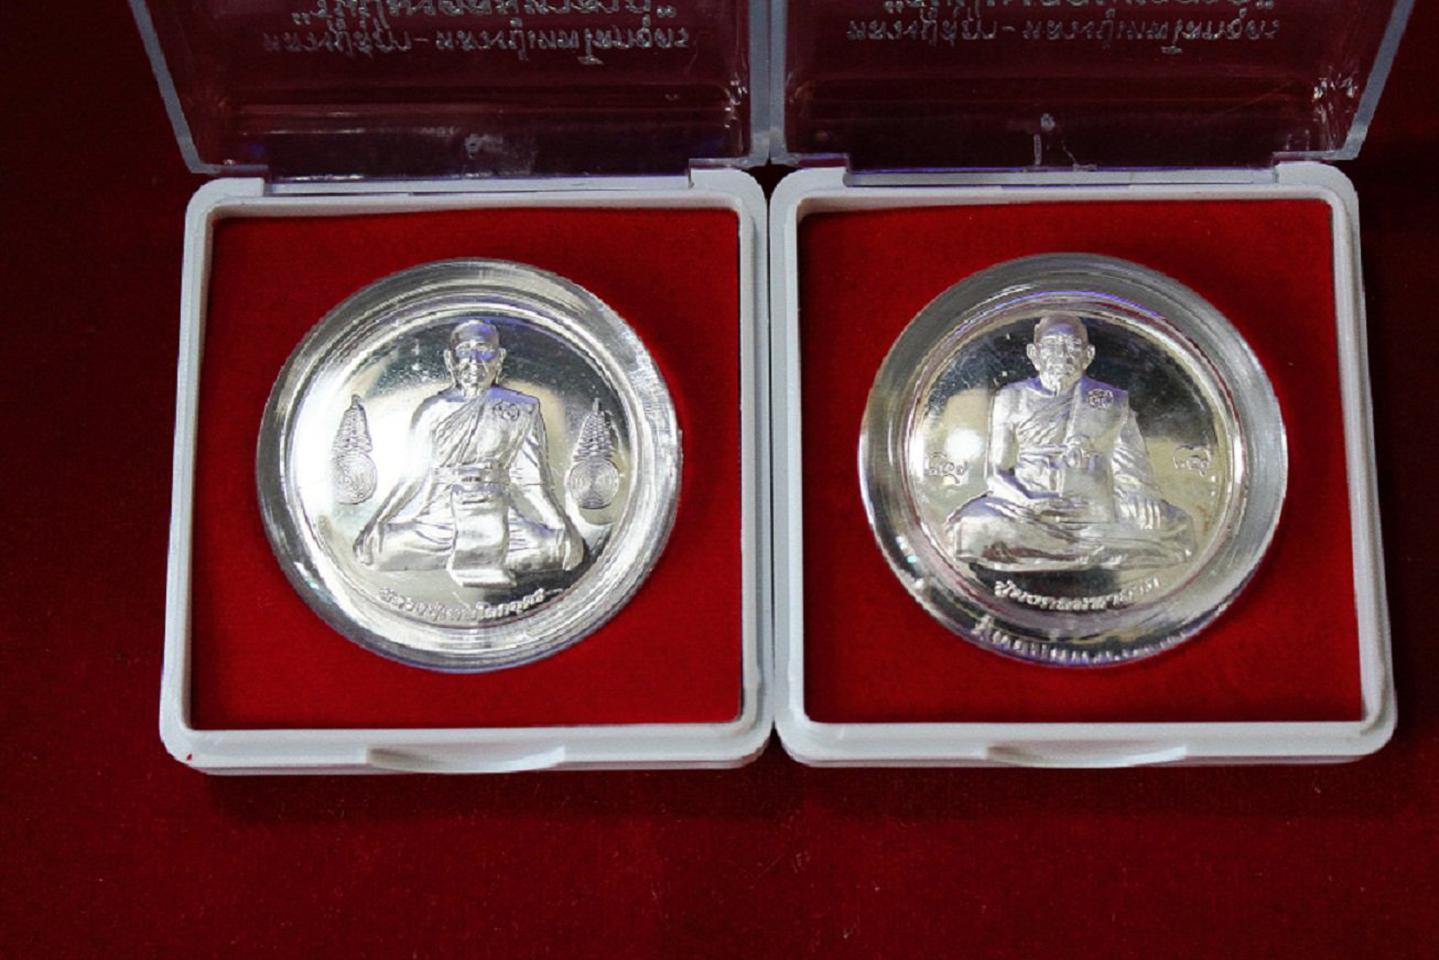 เหรียญเงินแท้รูปหน้าหลวงปู่สุภาหลังรูปหลวงปู่เทพฯ ปี2550 รูปที่ 1